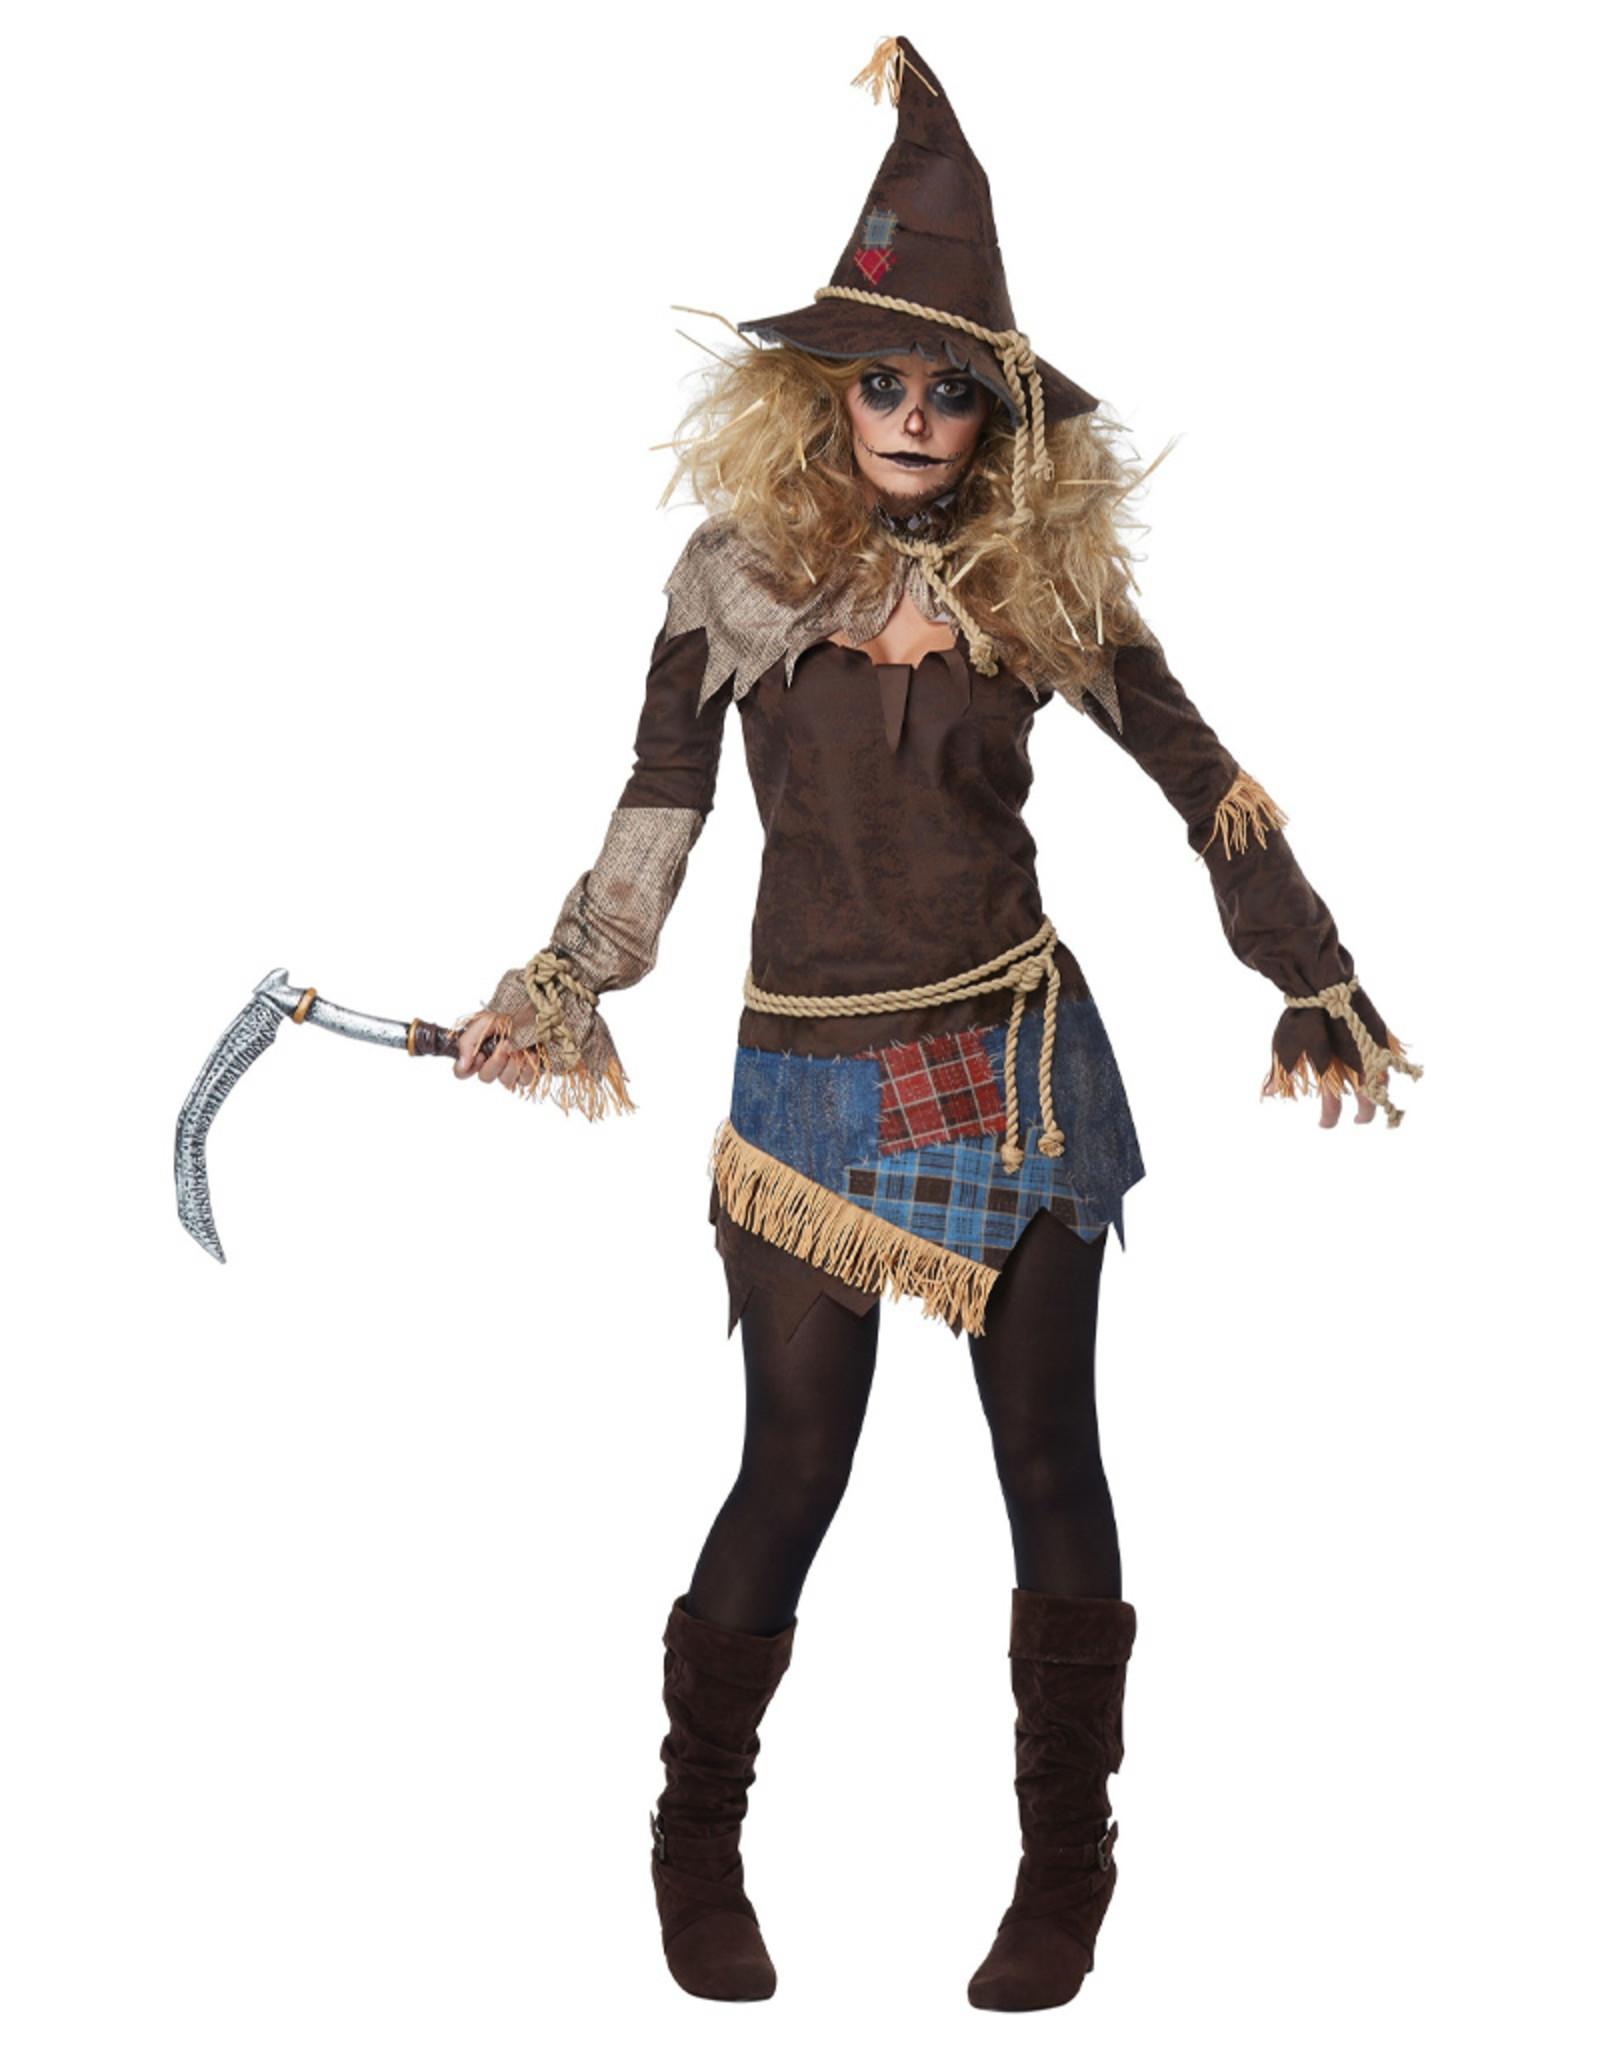 Creepy Scarecrow Costume - Women's